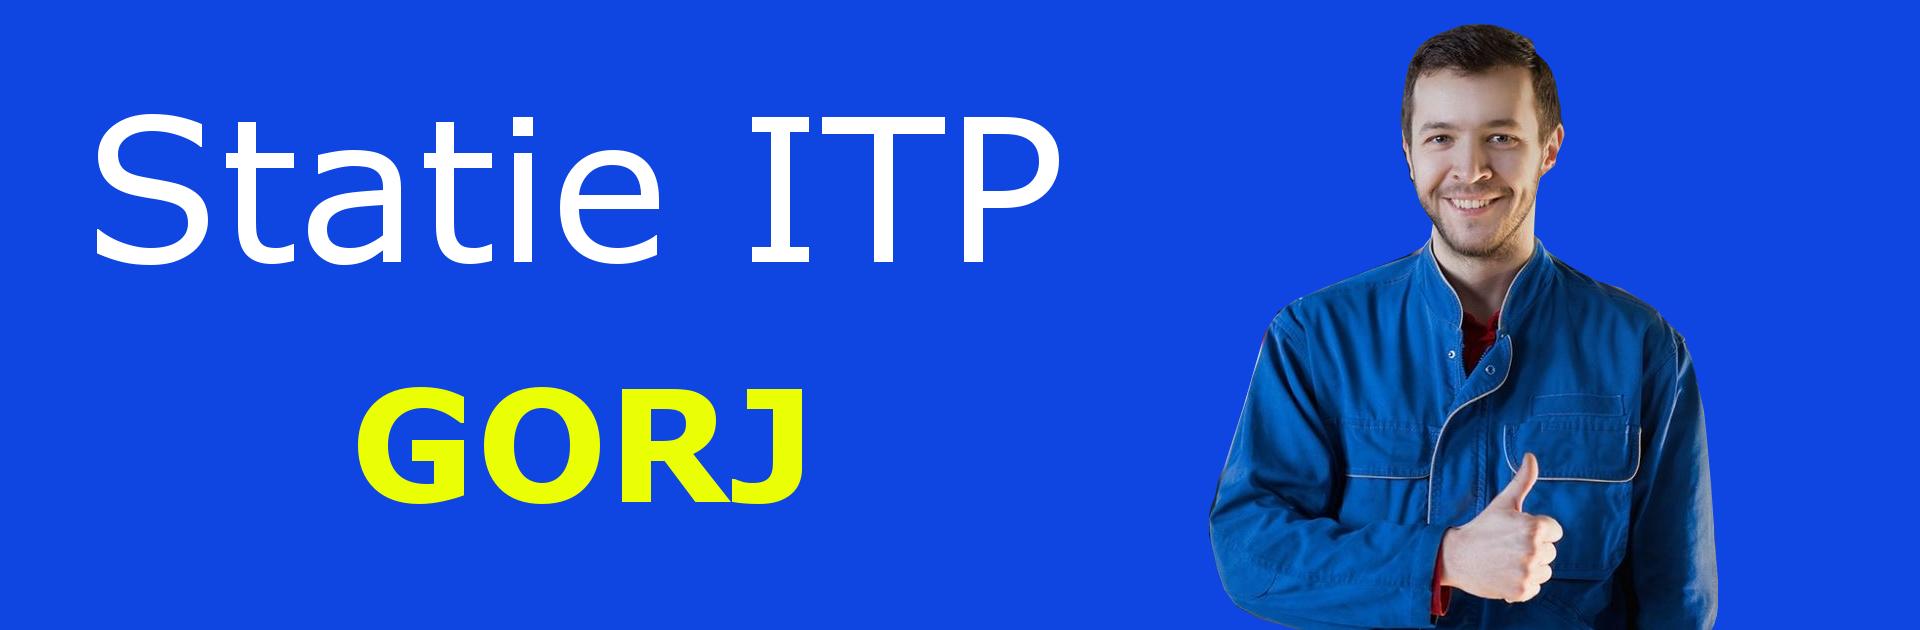 Banner ITP GORJ